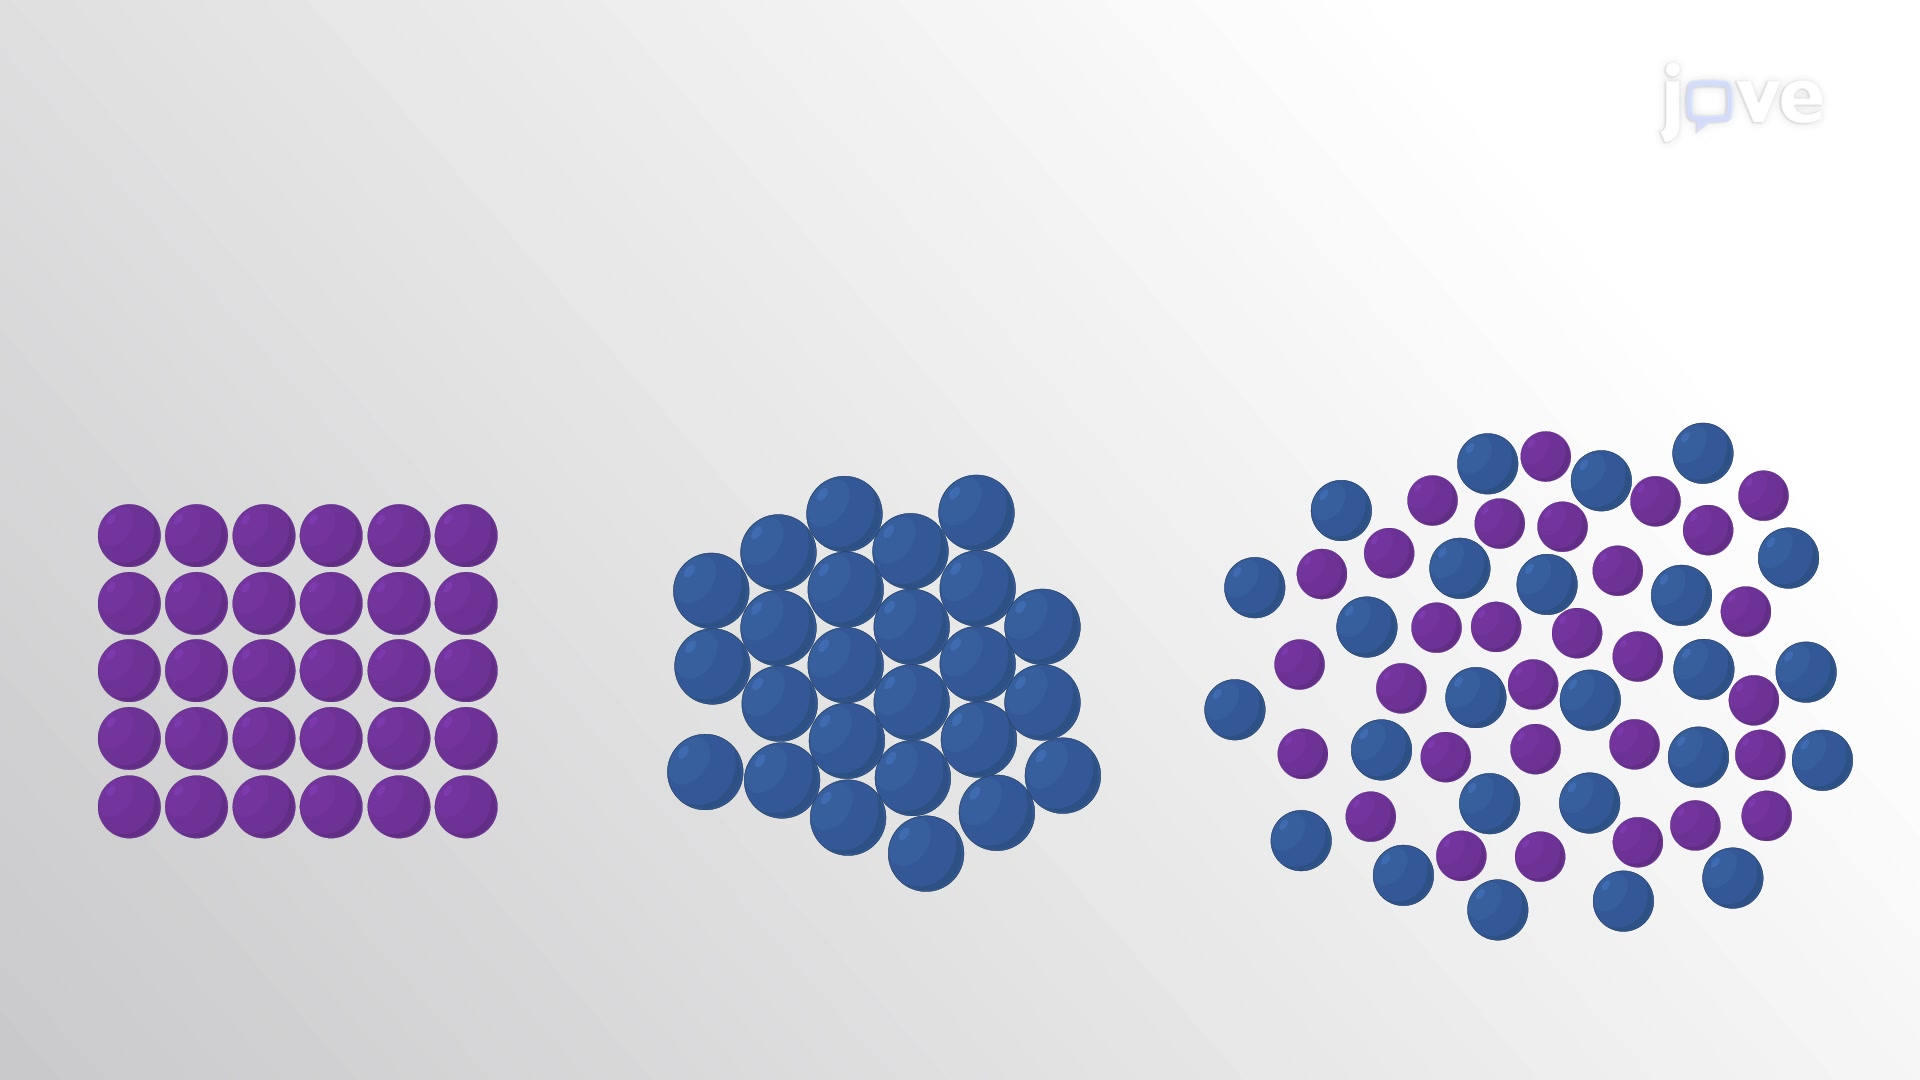 כוחות בין מולקולריים בתמיסות